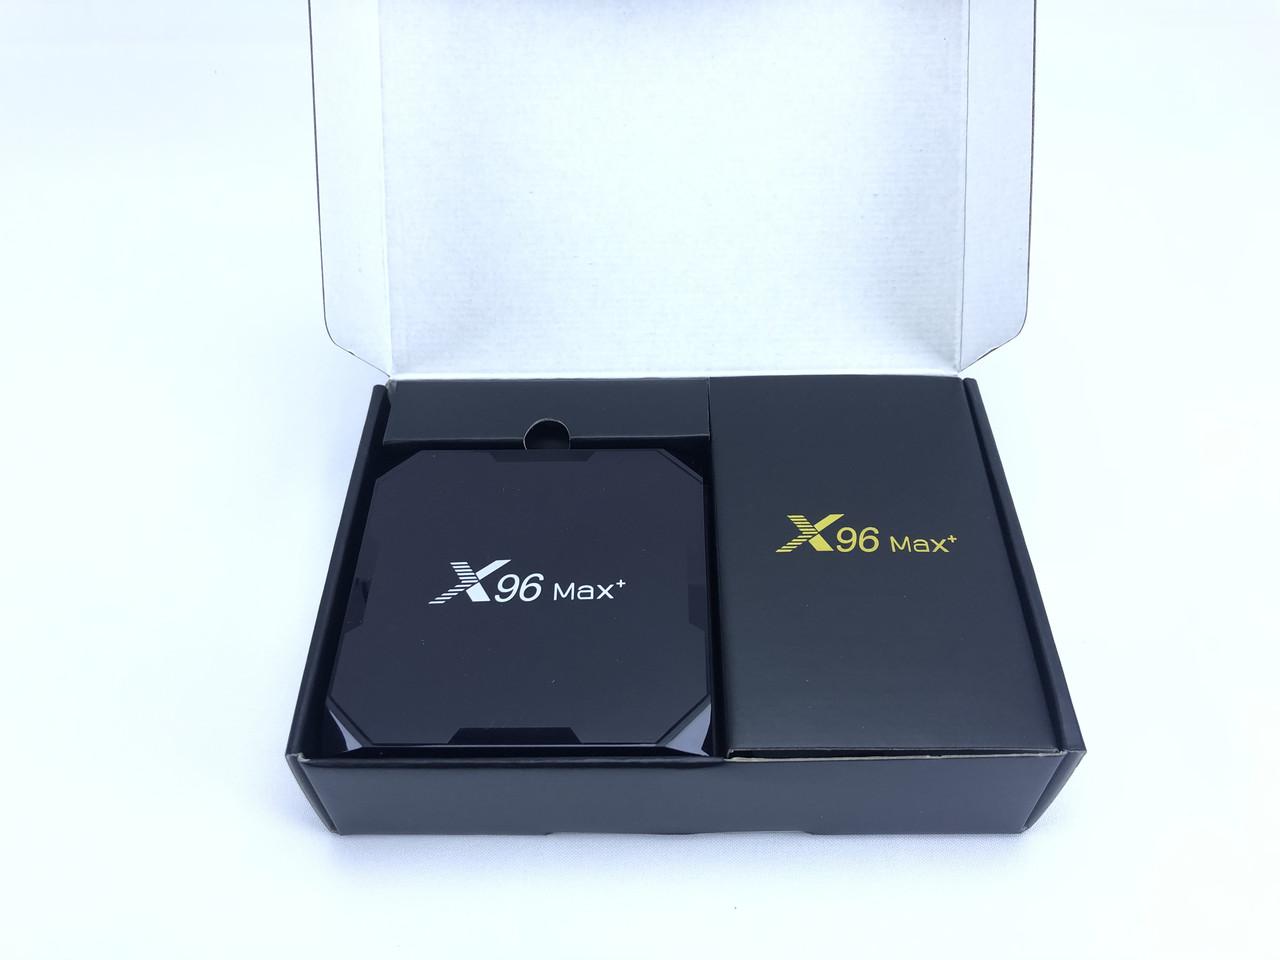 ТВ-приставка Android TV Box  X96 MAX+ 4GB + 32GB Android 8.1  WI FI 2,4/5,6 GHz приставка смарт ТВ.